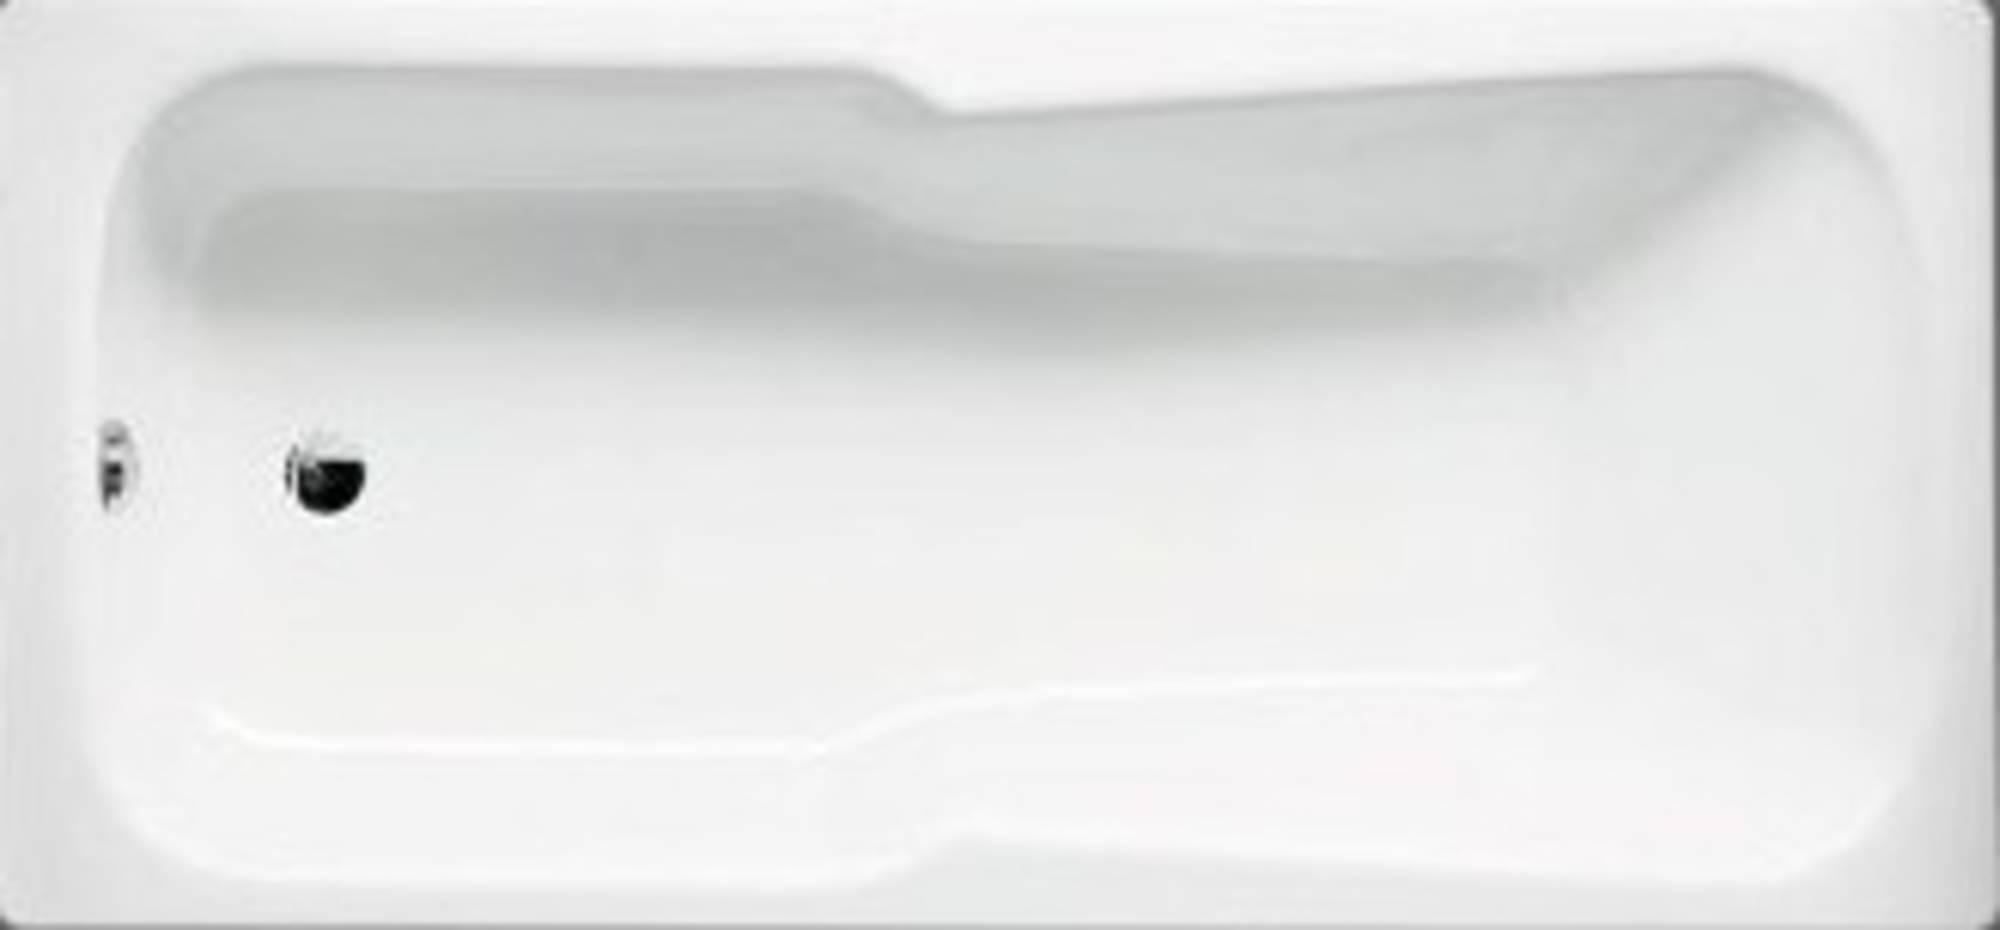 Bette Set plaatstalen bad 170x80x38 cm Wit